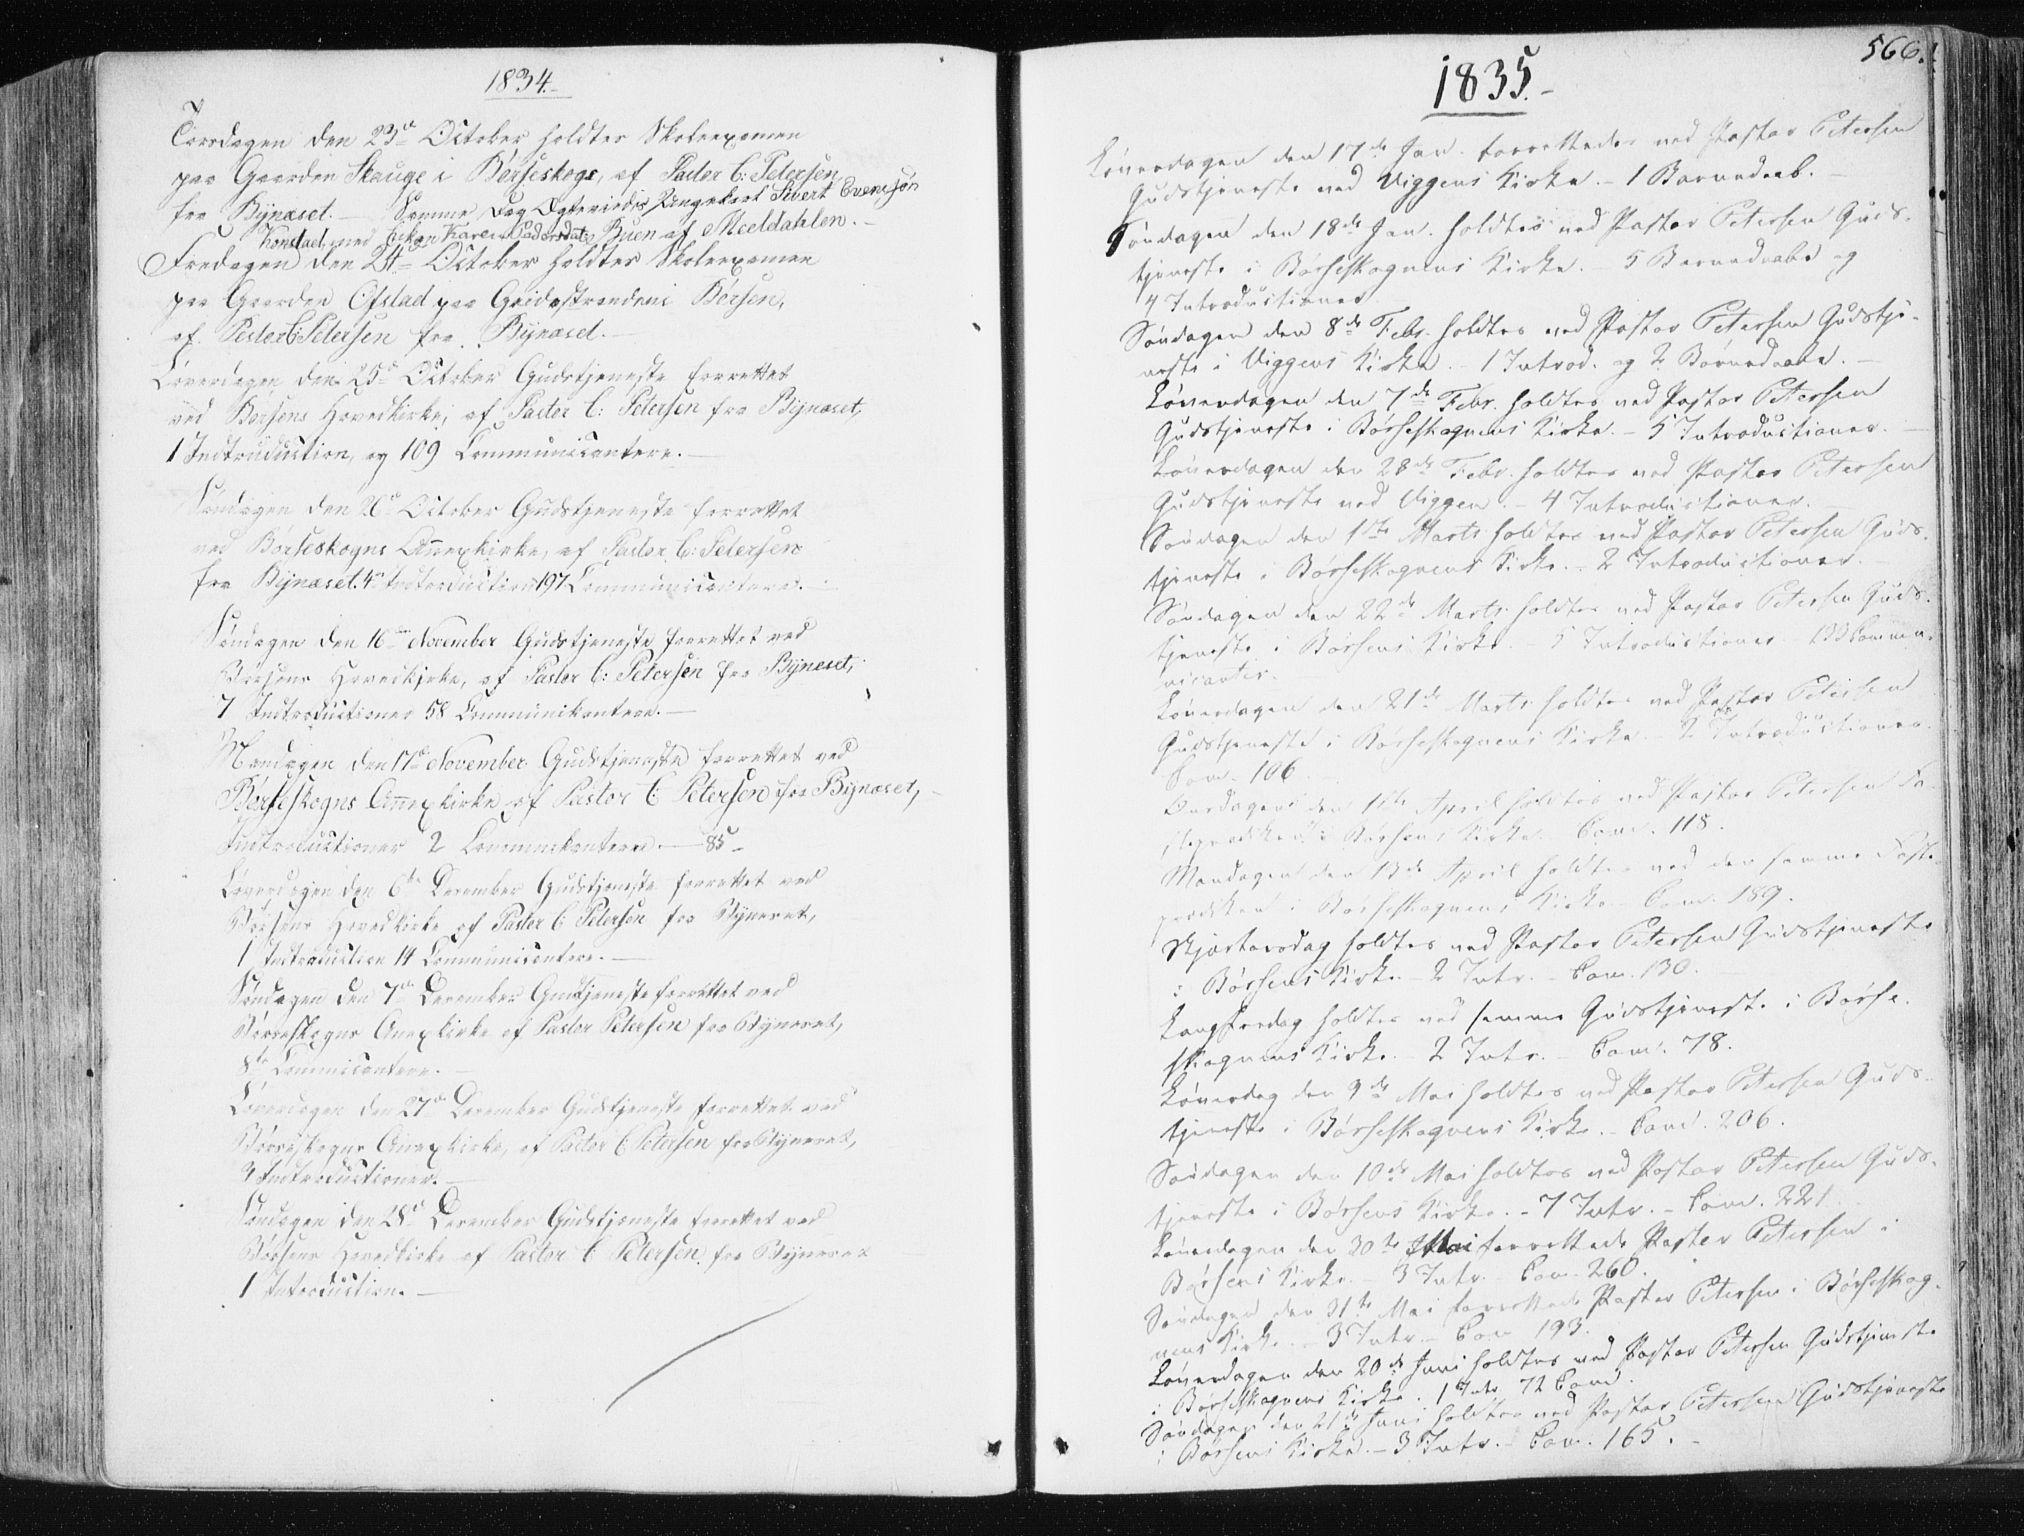 SAT, Ministerialprotokoller, klokkerbøker og fødselsregistre - Sør-Trøndelag, 665/L0771: Ministerialbok nr. 665A06, 1830-1856, s. 566